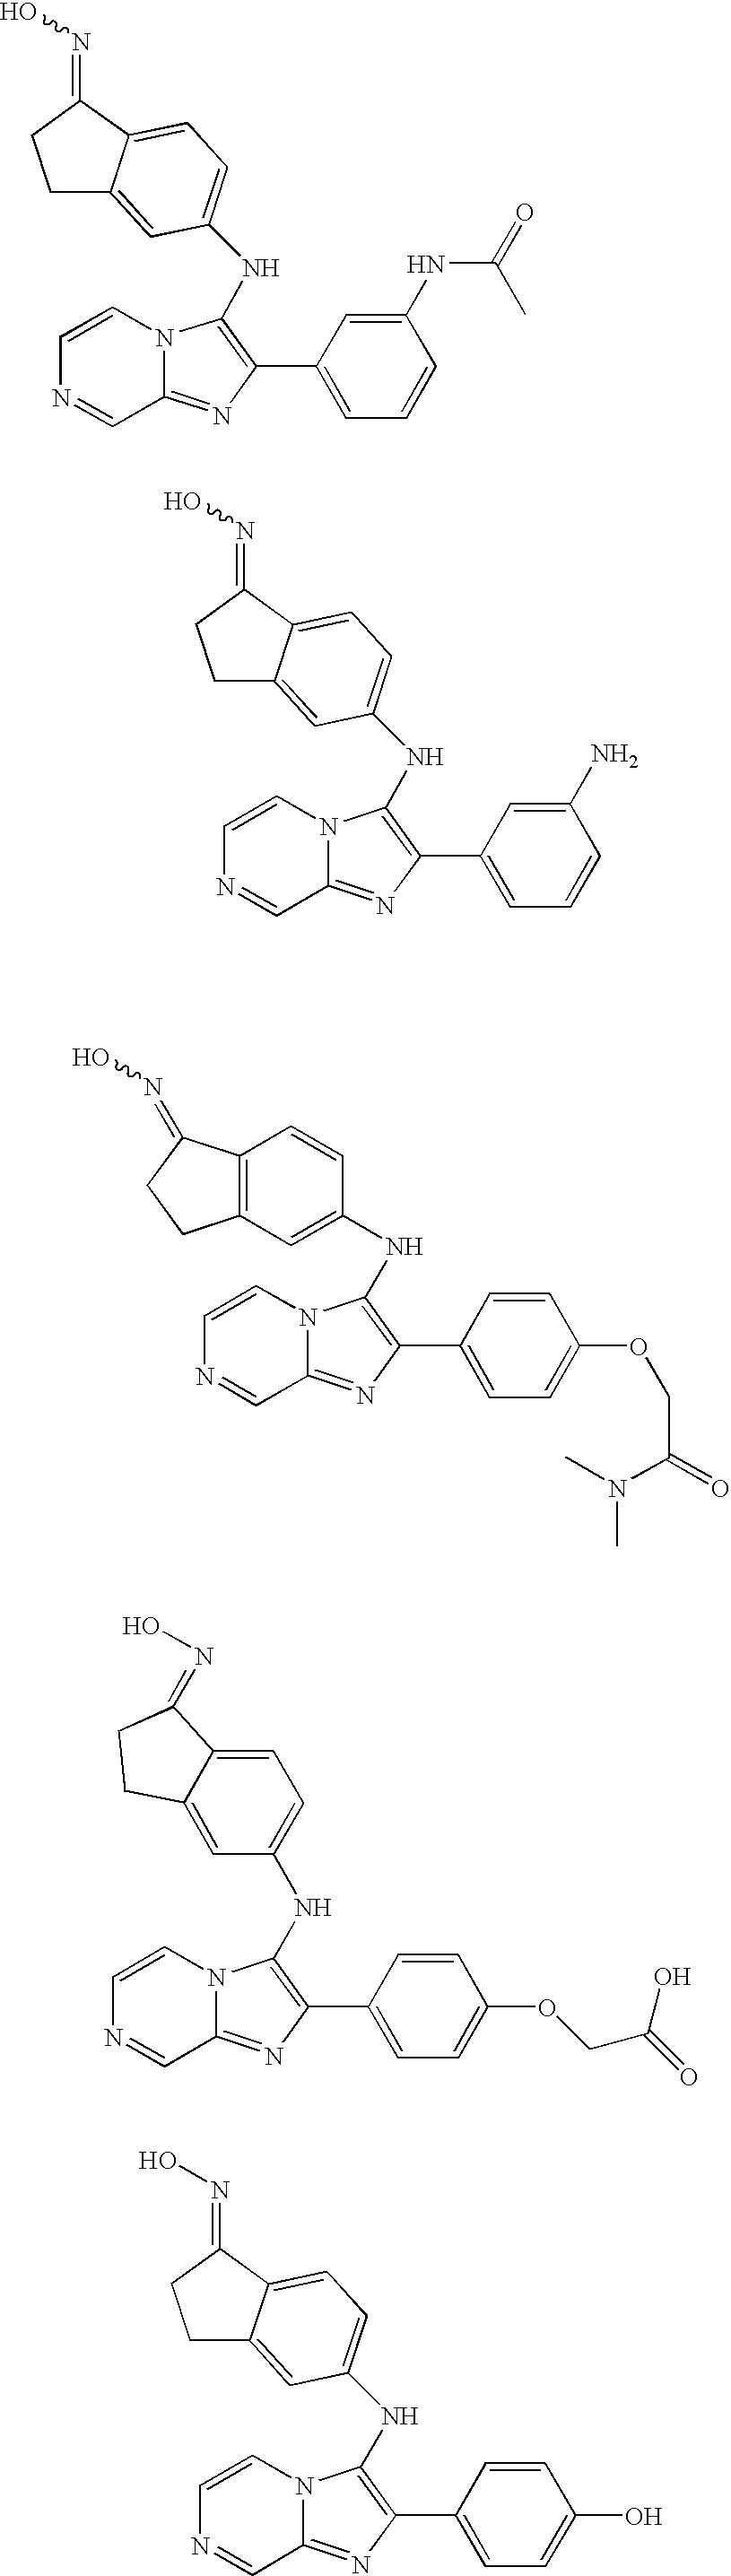 Figure US07566716-20090728-C00138